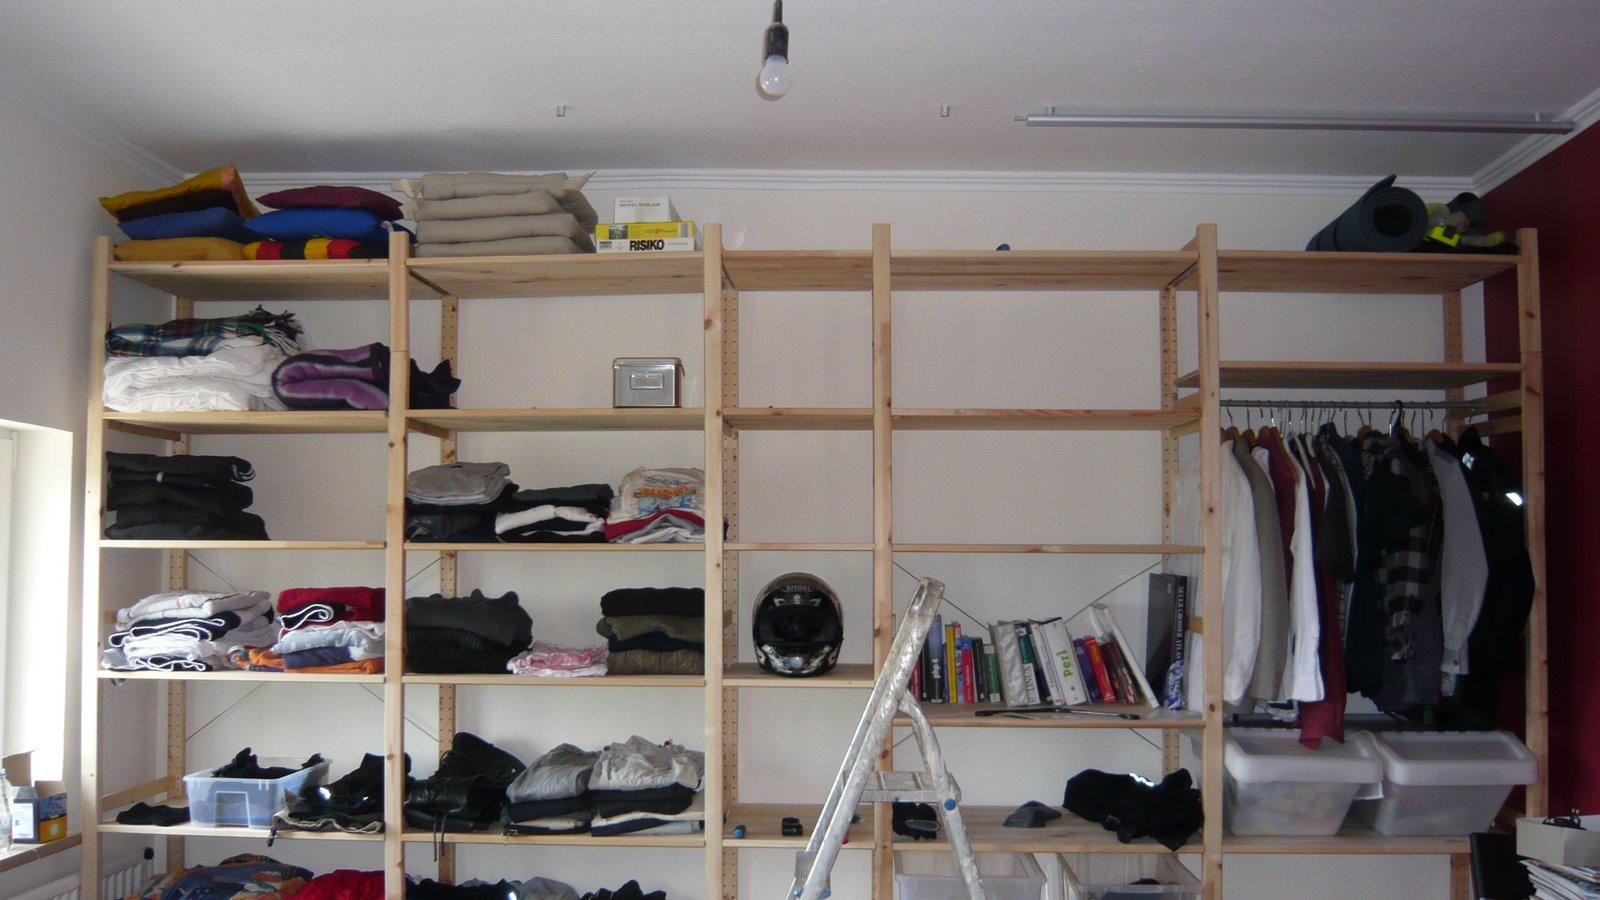 Full Size of Mopsis Ikea Regal Reloaded Modulküche Küche Kosten Sofa Mit Schlaffunktion Betten Bei 160x200 Miniküche Kaufen Wohnzimmer Küchenregal Ikea